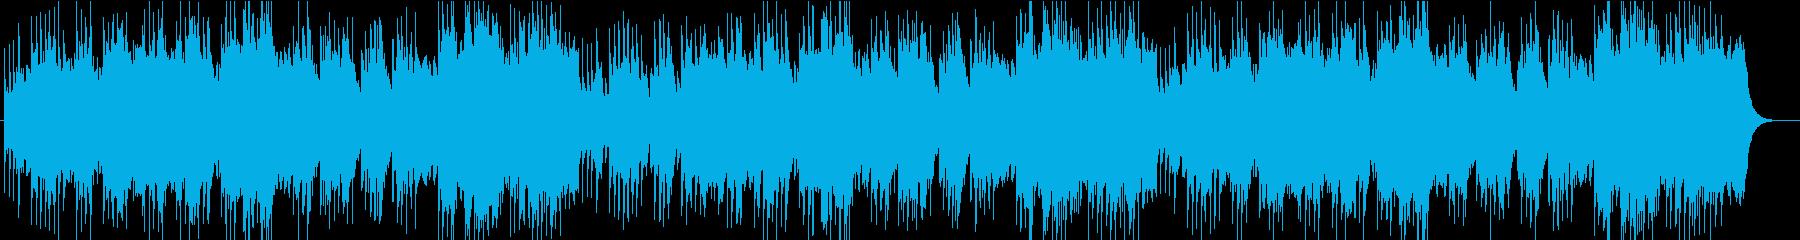 ロンドンデリーの歌オルゴールオーケストラの再生済みの波形